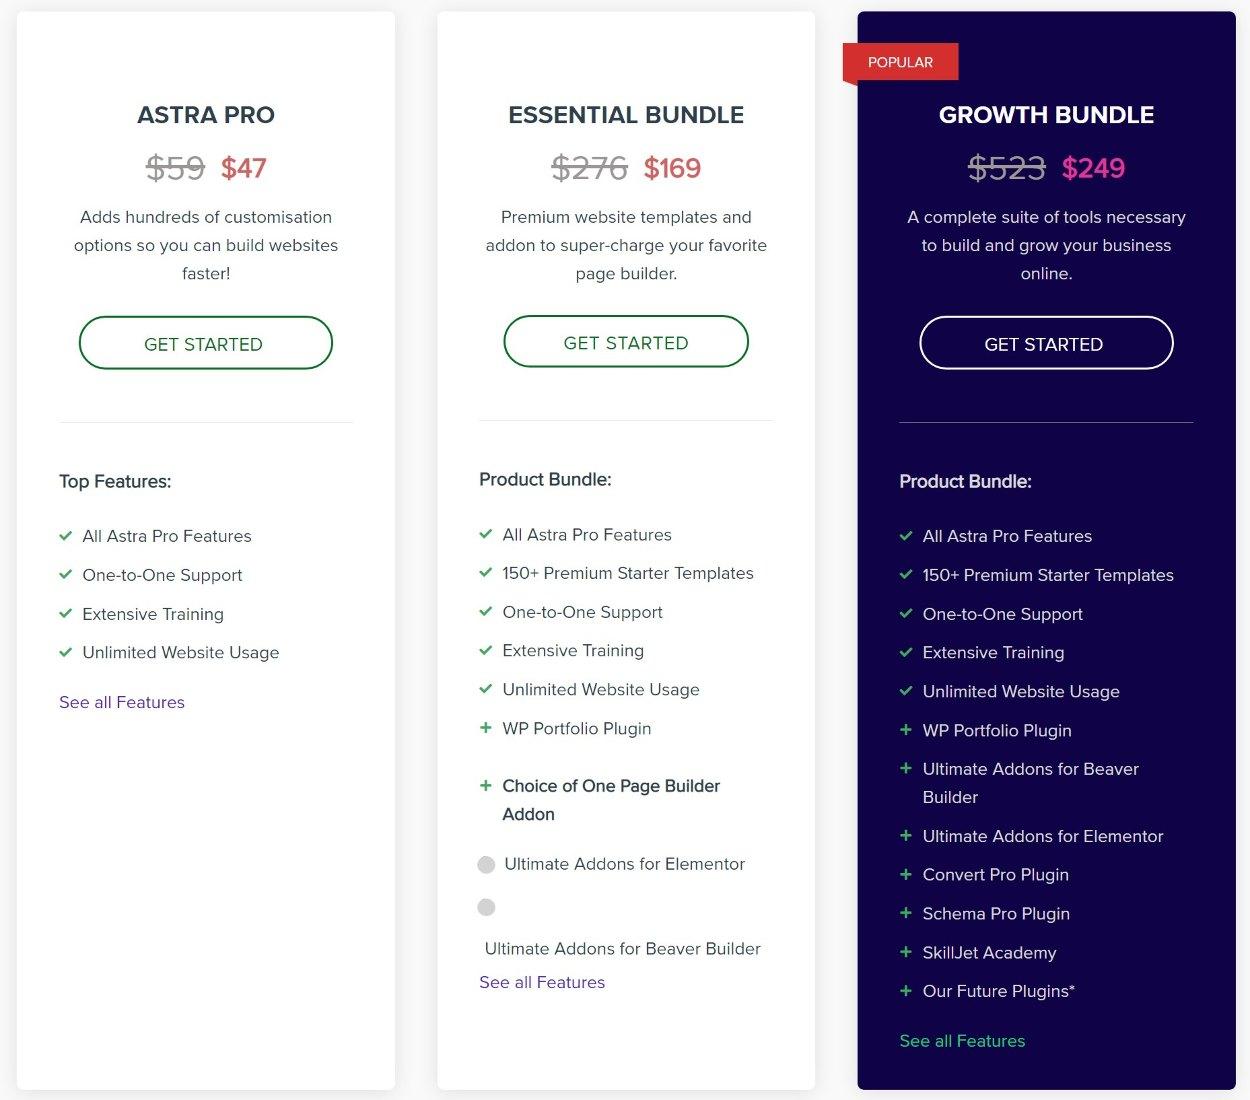 Revisión del tema Astra: ¿es el mejor tema de WordPress de 2021? - 1630926990 582 Revision del tema Astra ¿es el mejor tema de WordPress